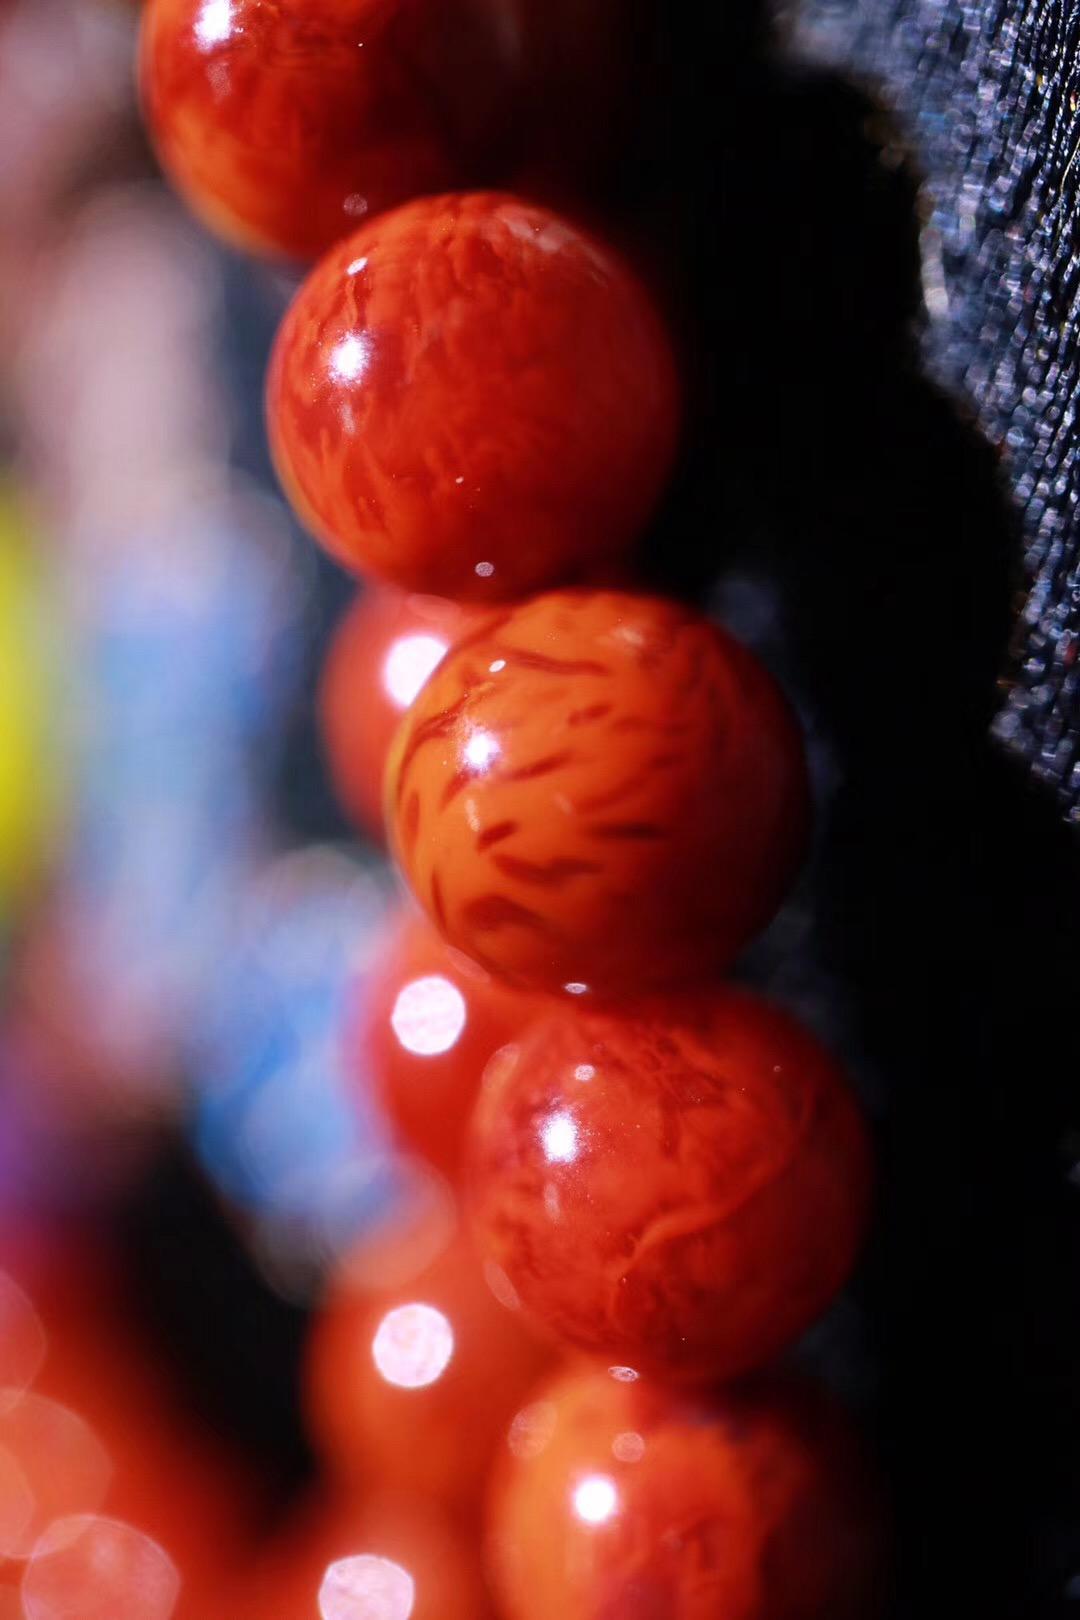 【菩心   南红玛瑙火焰纹】看起来像涌动的火焰一般-菩心晶舍